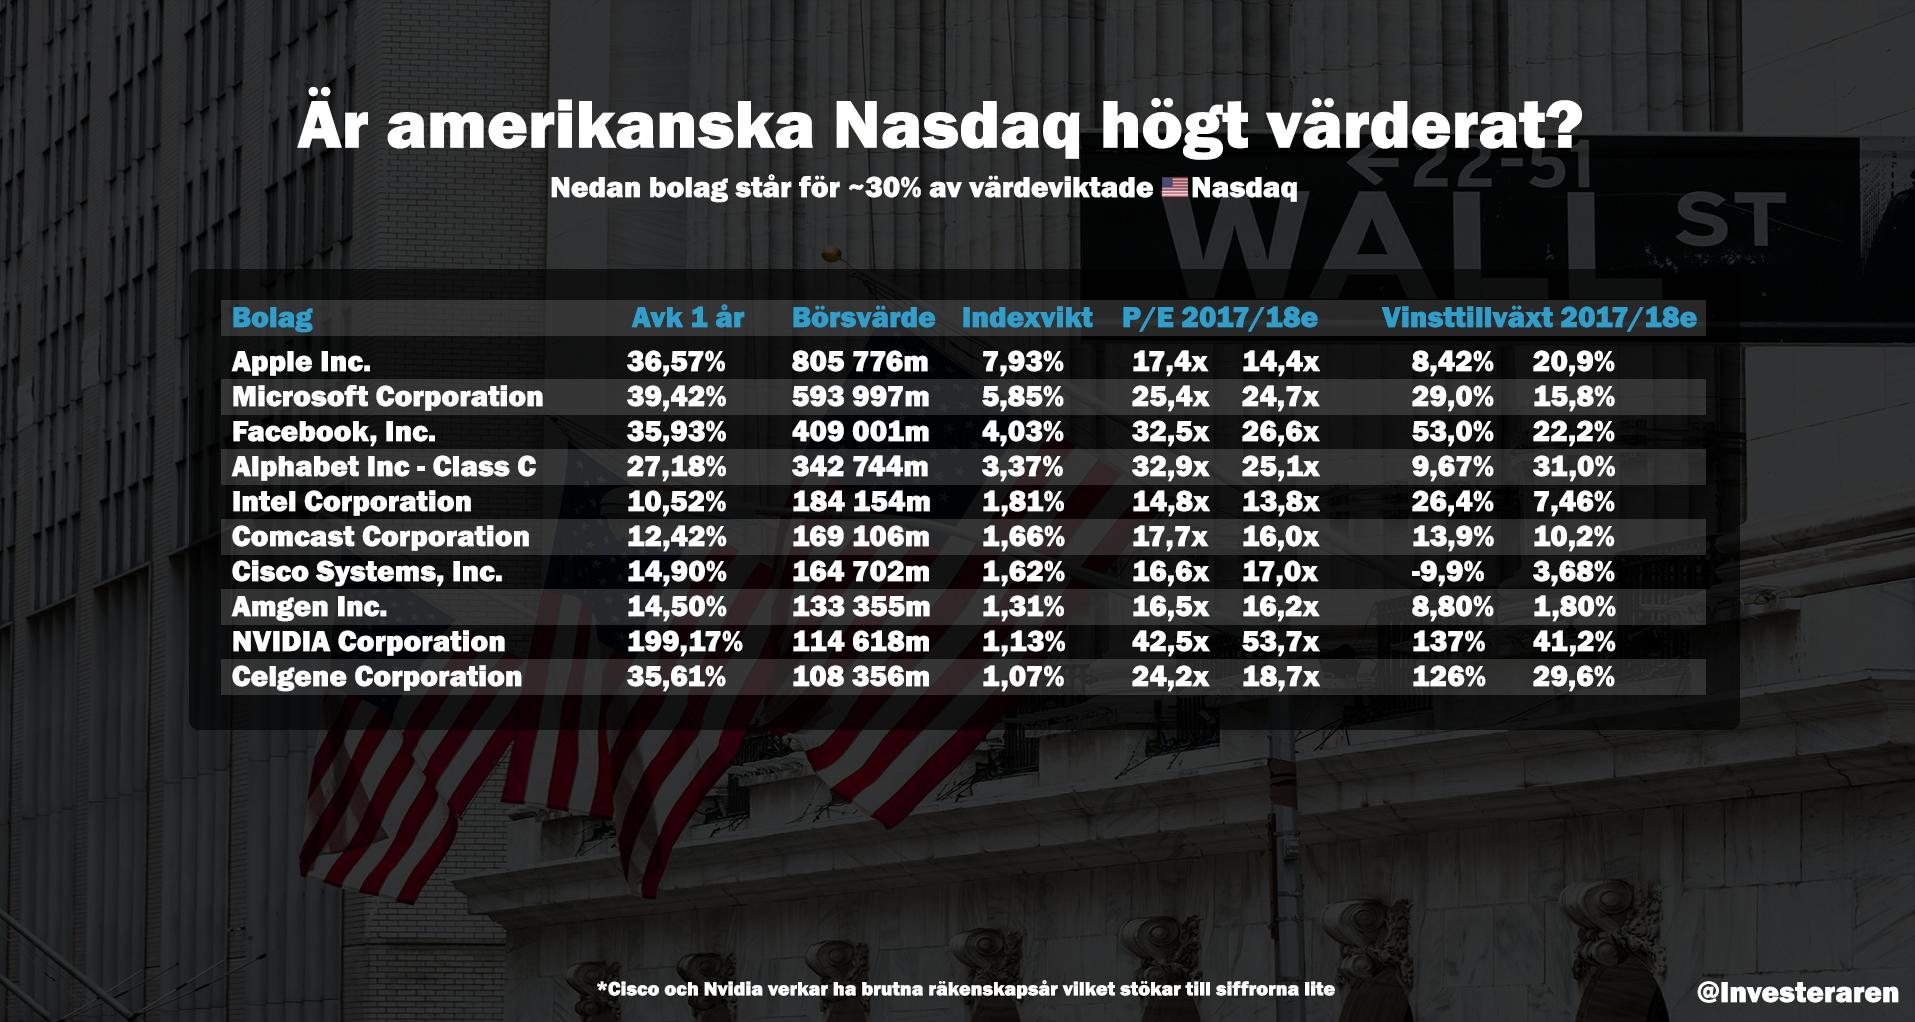 noterade bolag på stockholmsbörsen